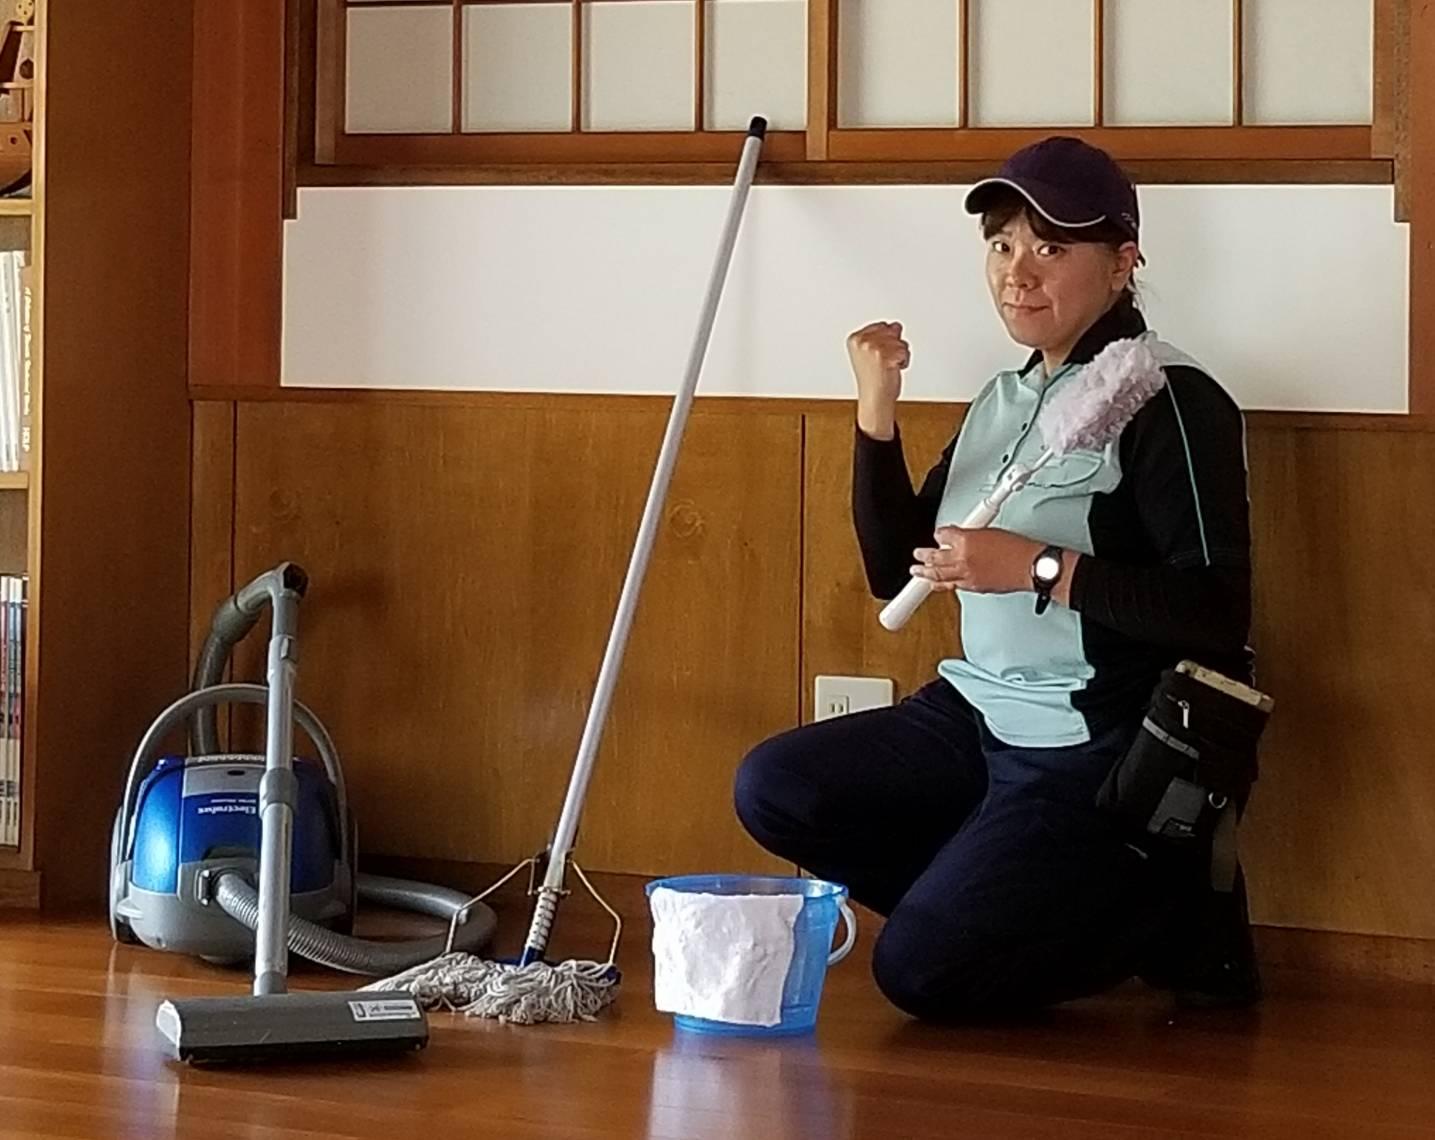 20190419岐阜県多治見市 掃除機がけの後に水拭き 田中さん (2)